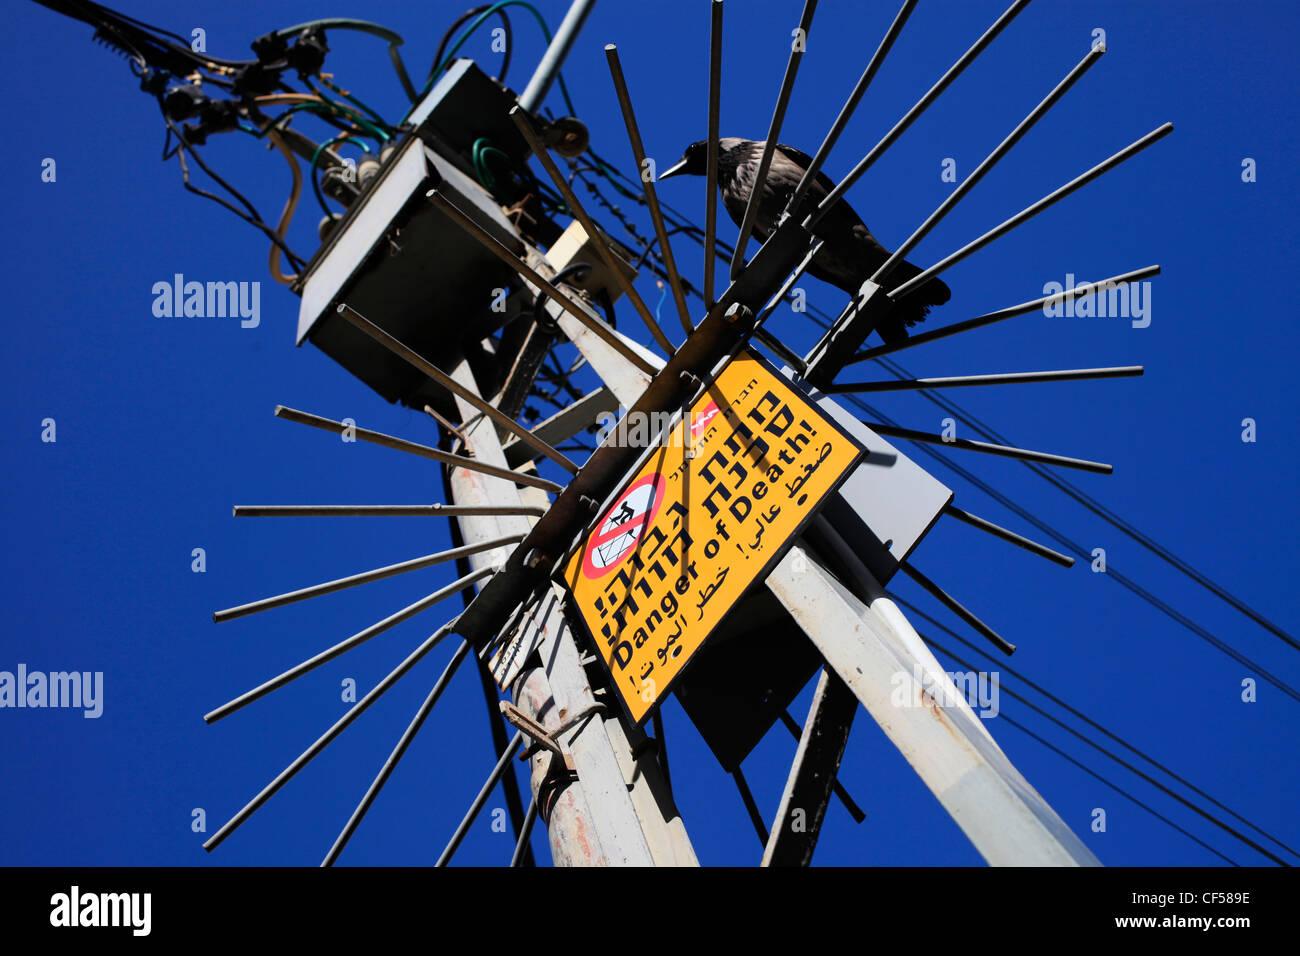 Hochspannung elektrische Energie Übertragung Pylon in Israel Stockbild